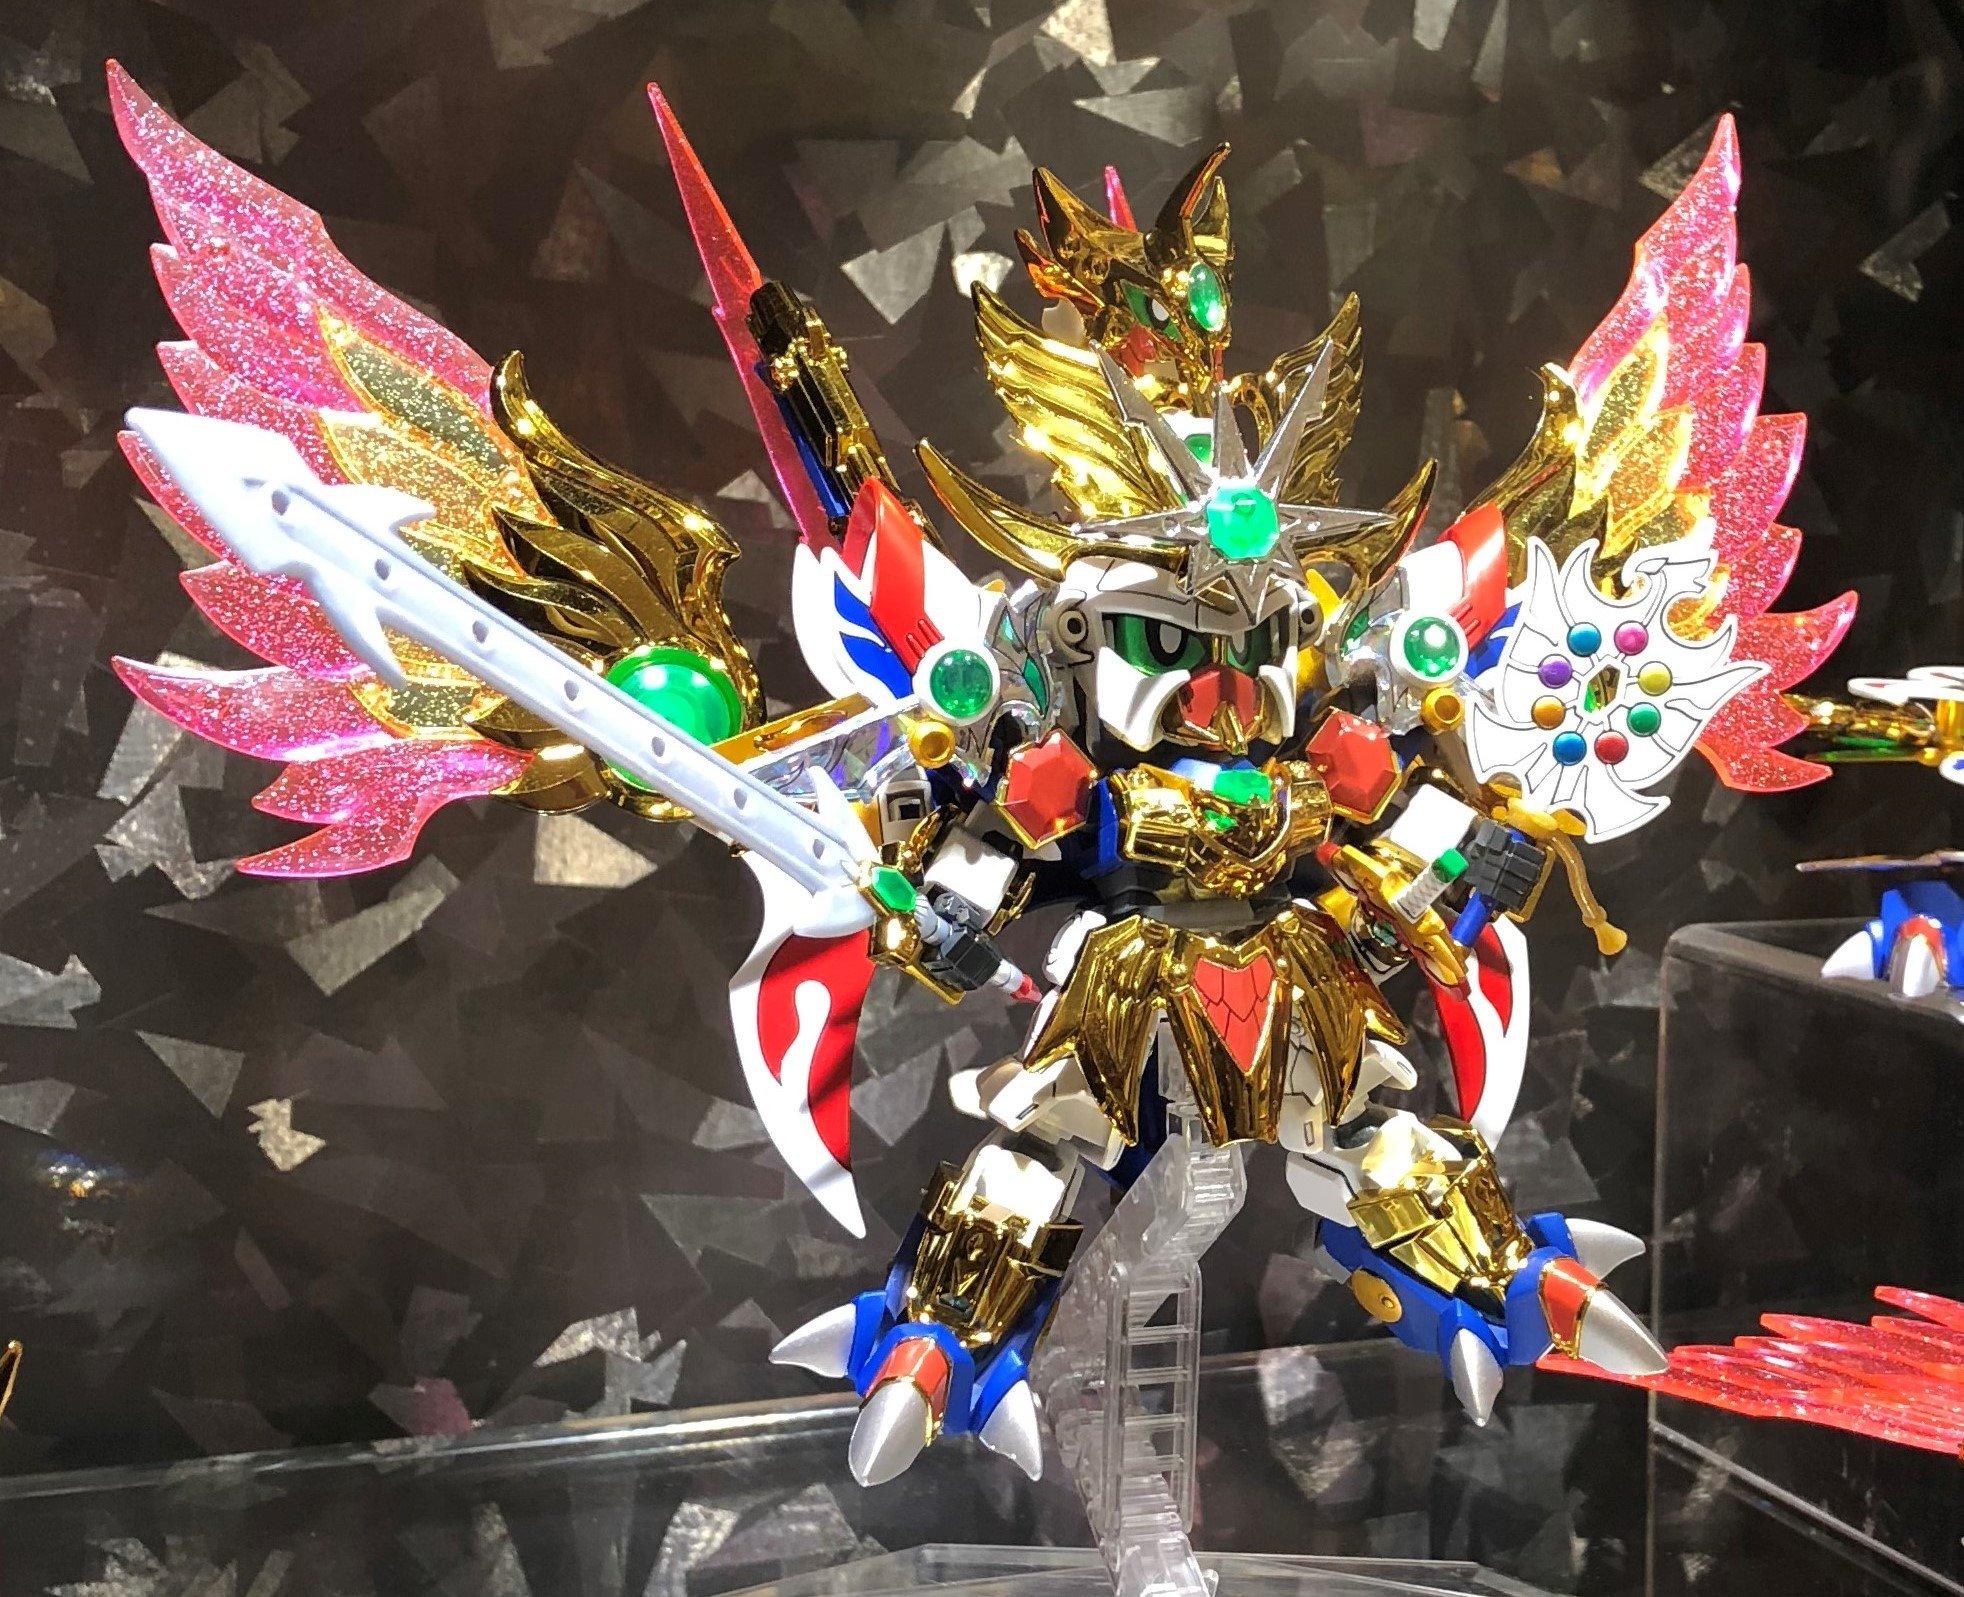 【ガンプラ】LEGEND BB「飛駆鳥大将軍」試作公開、近日予約開始【価格4,860円】